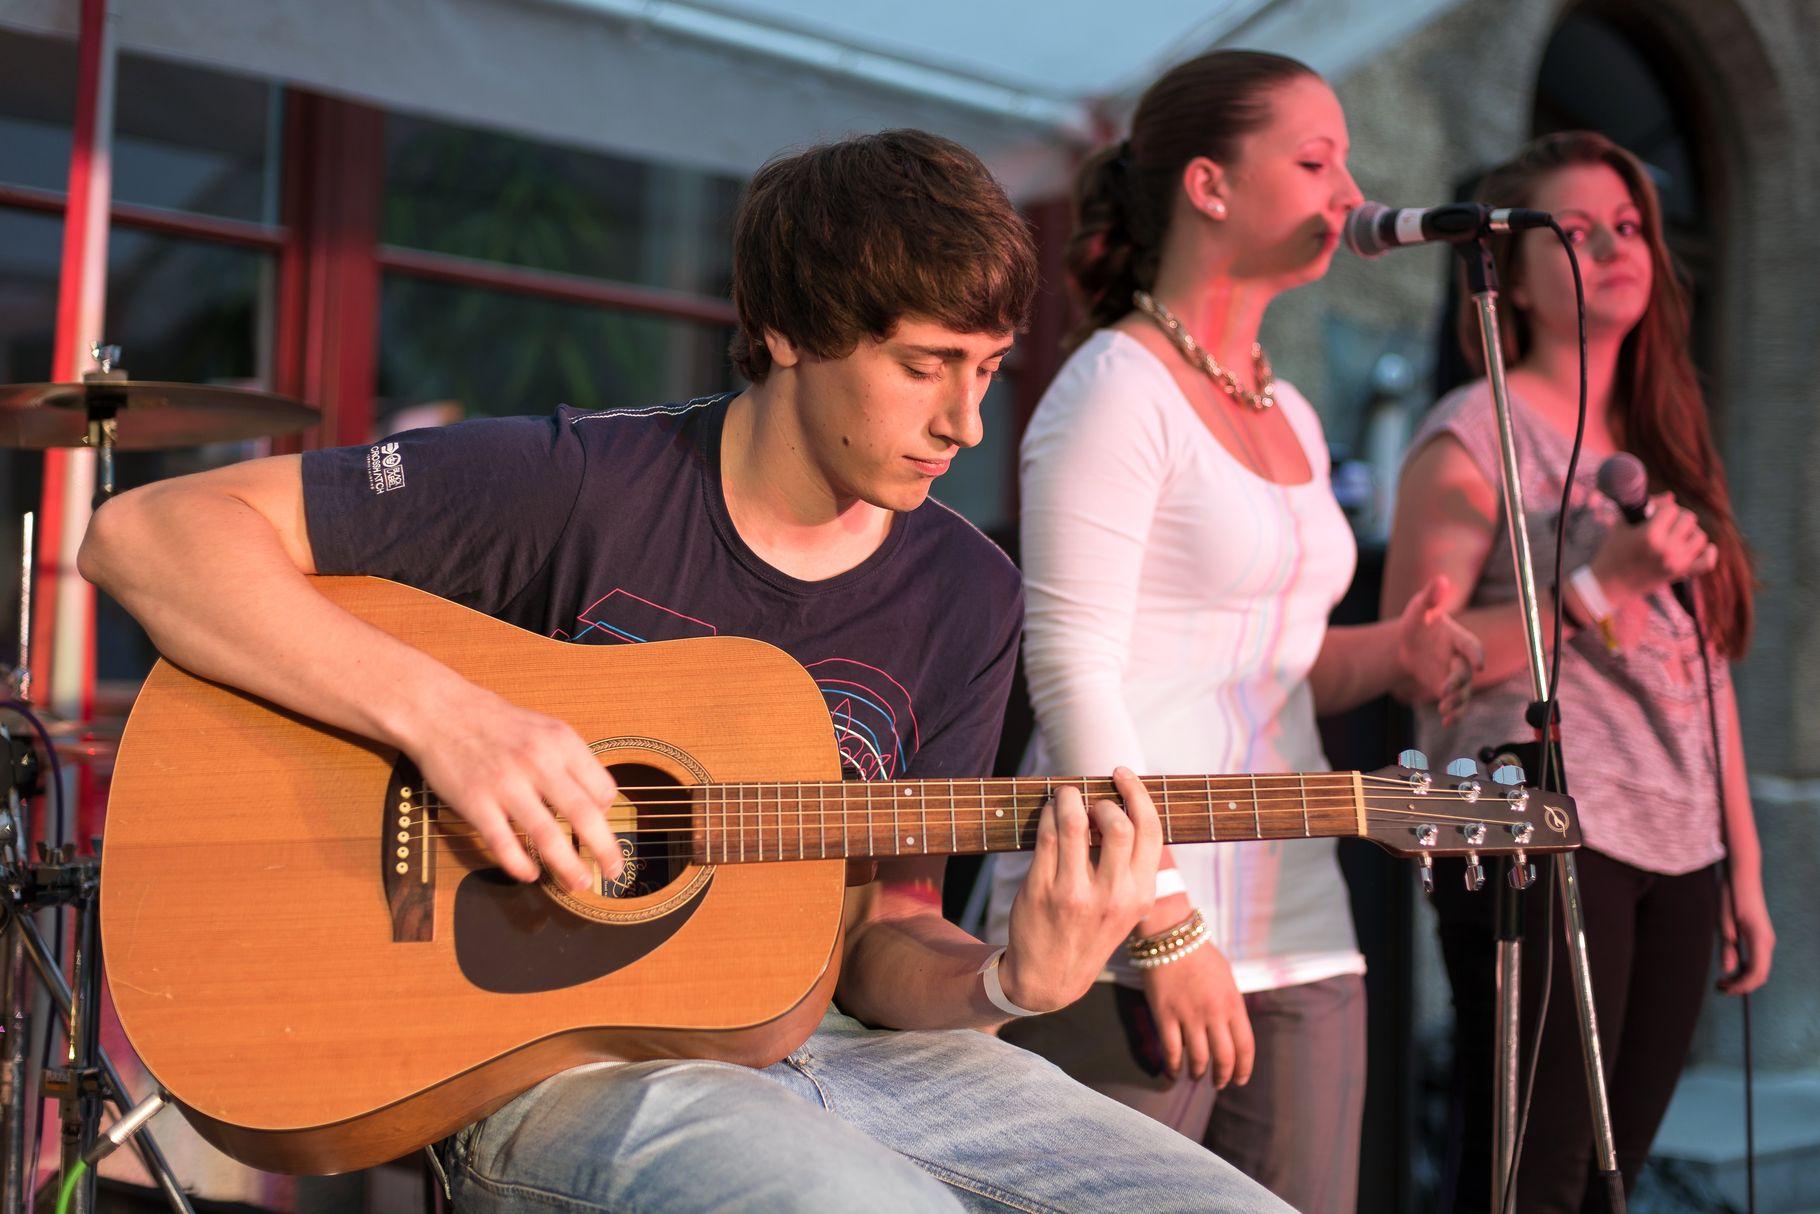 Konzerte im Bürgerhof 28.06.14 Street Academy - Freiwilligen-Zentrum Augsburg - Foto: Martin Schönberger